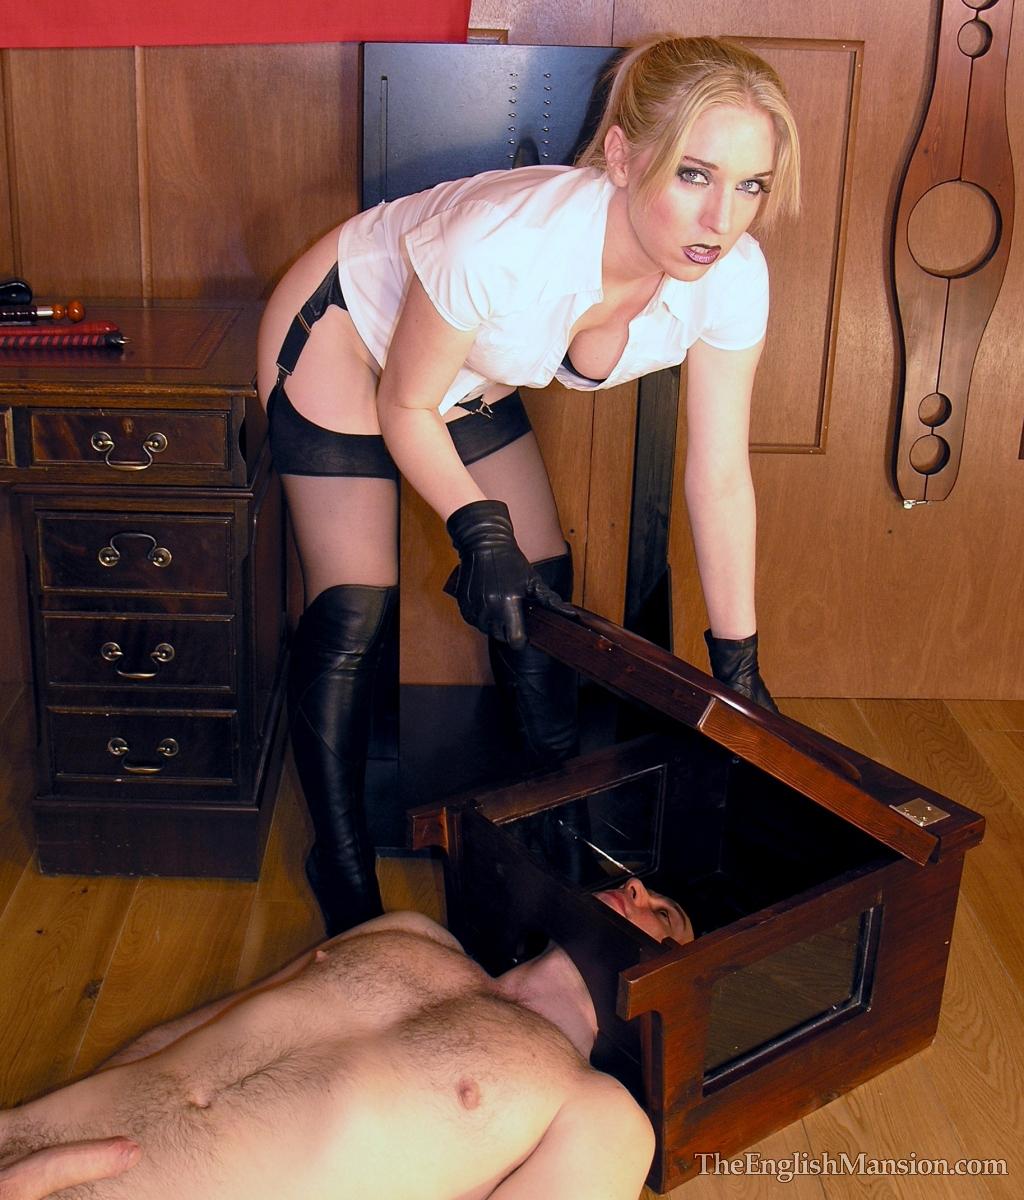 Servants porn pics sexy stripers